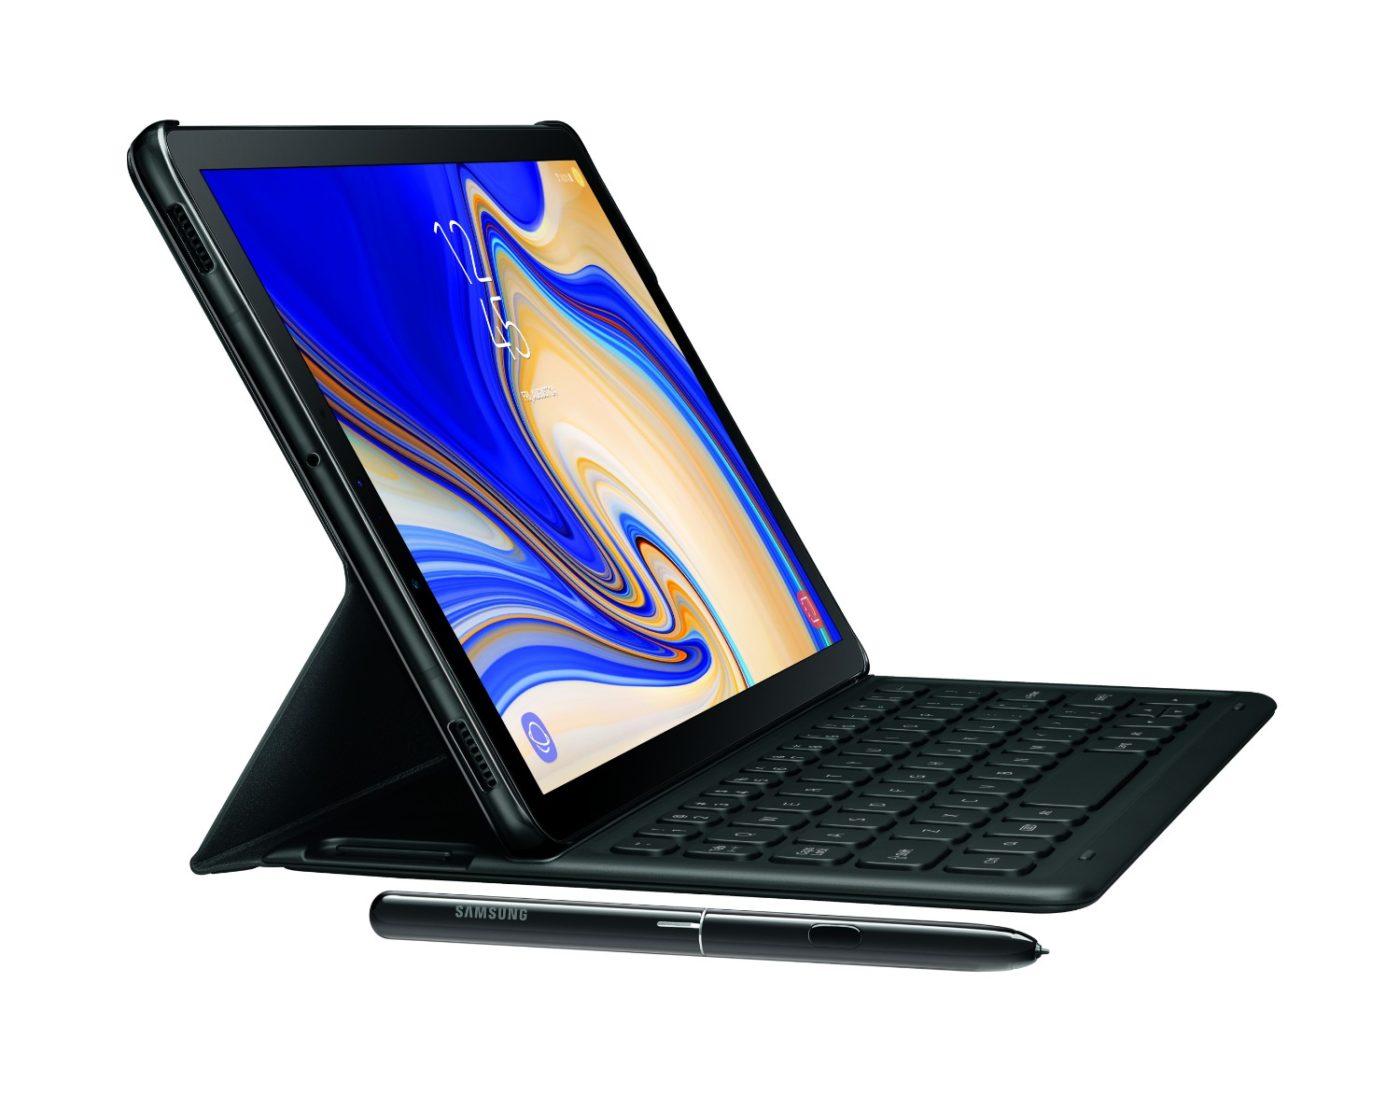 Tak prezentuje się tablet Samsung Galaxy Tab S4 z przodu. Jest bardzo dobrze.